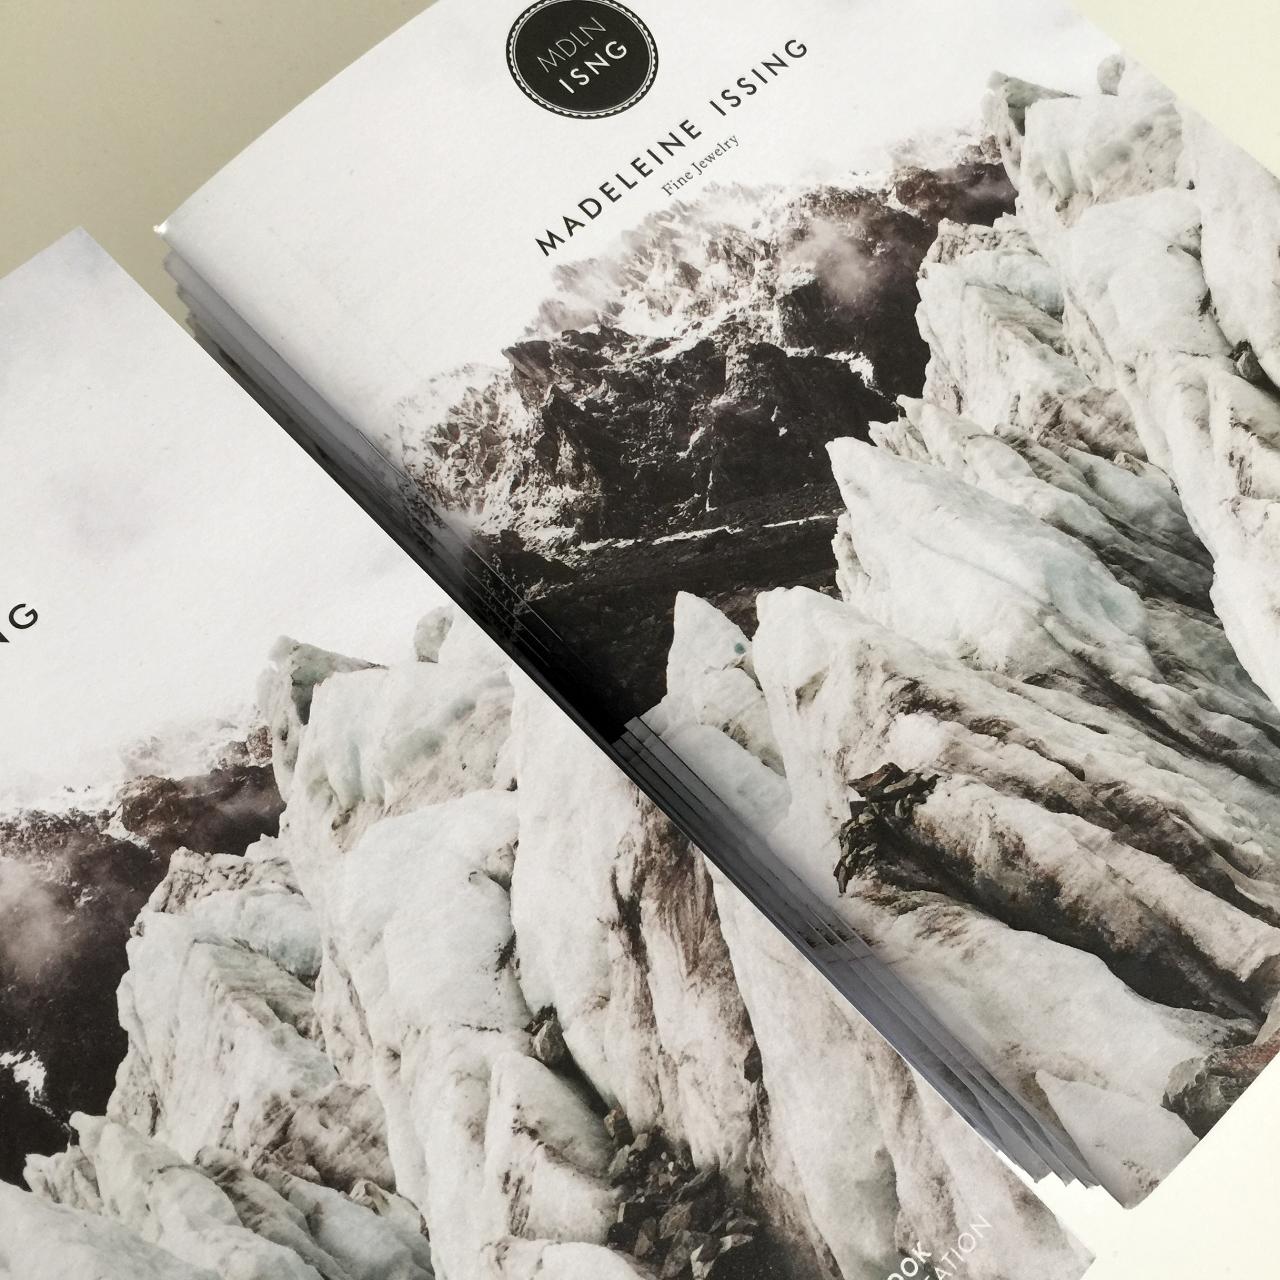 MADELEINE-ISSING-LOOKBOOK-HEILSTEIN-BERGKRISTALL-COVER